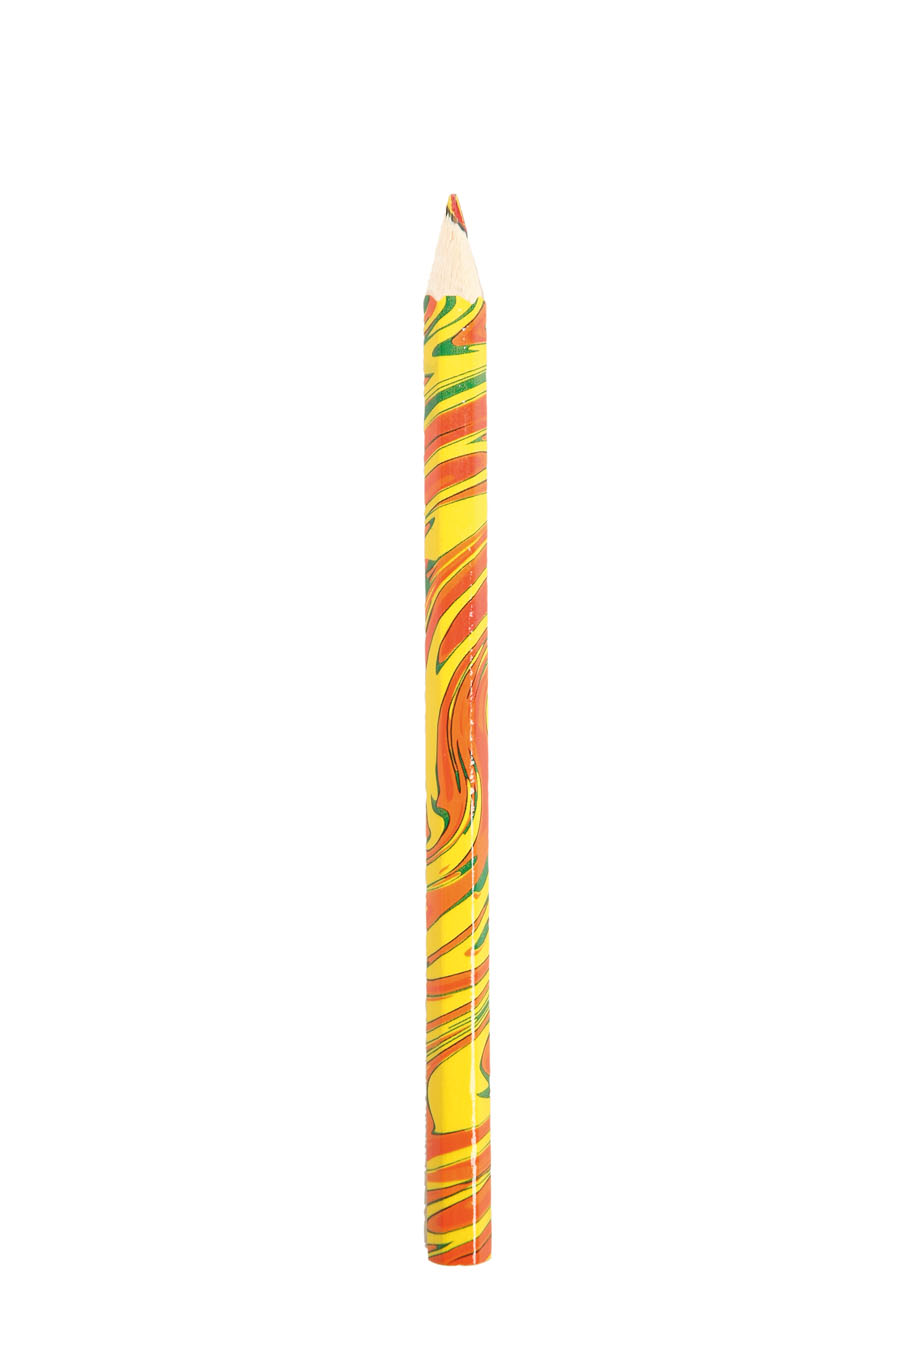 Lápis de cor - Acho maravilhoso poder pintar colorido, como são meus pensamentos.